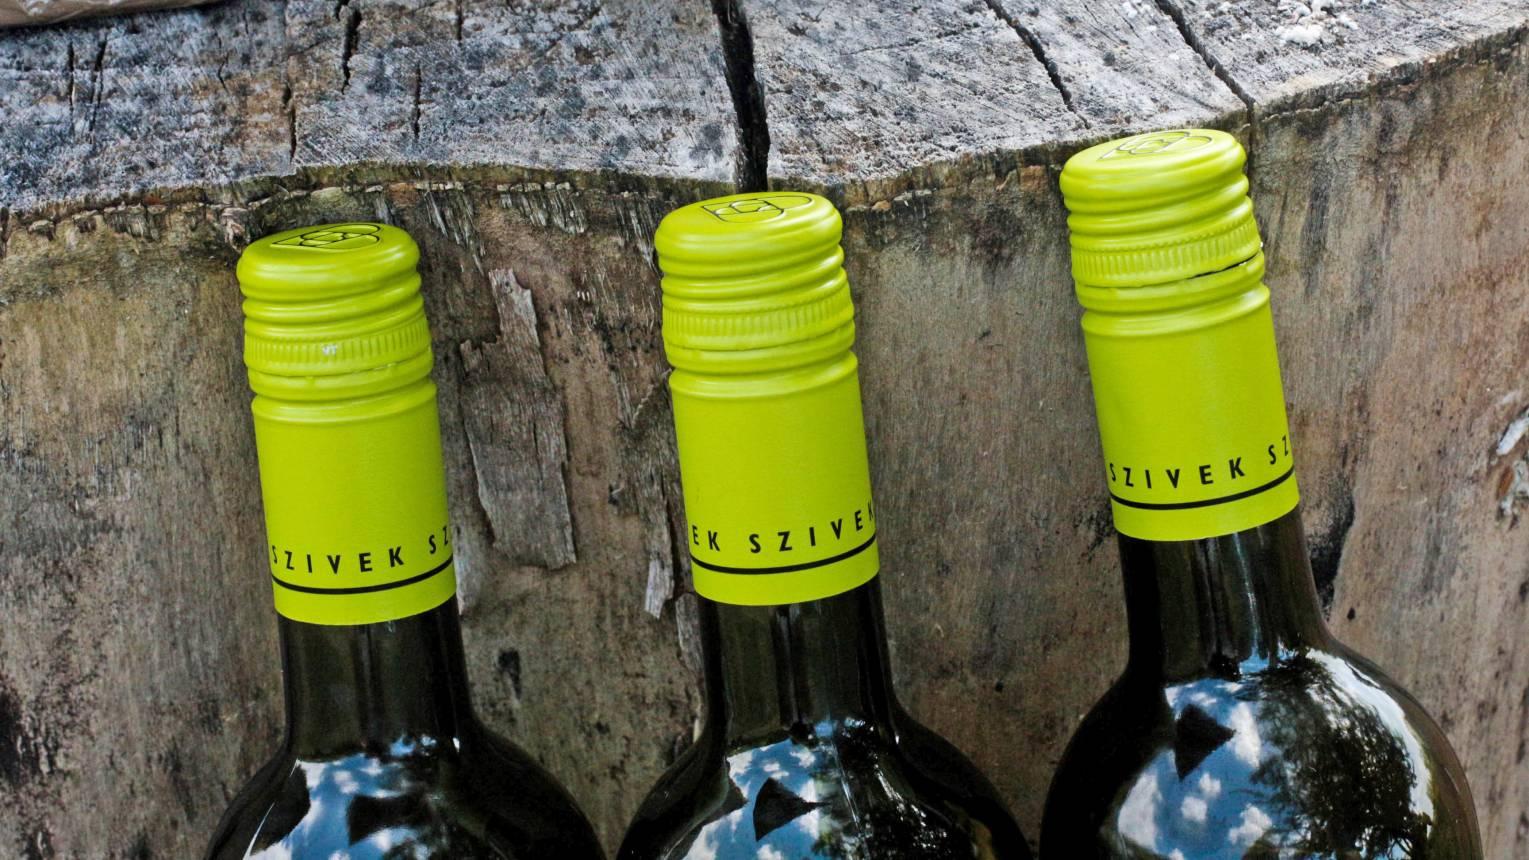 Kesztölci Szívek pincészeti borkóstoló - 6 boros